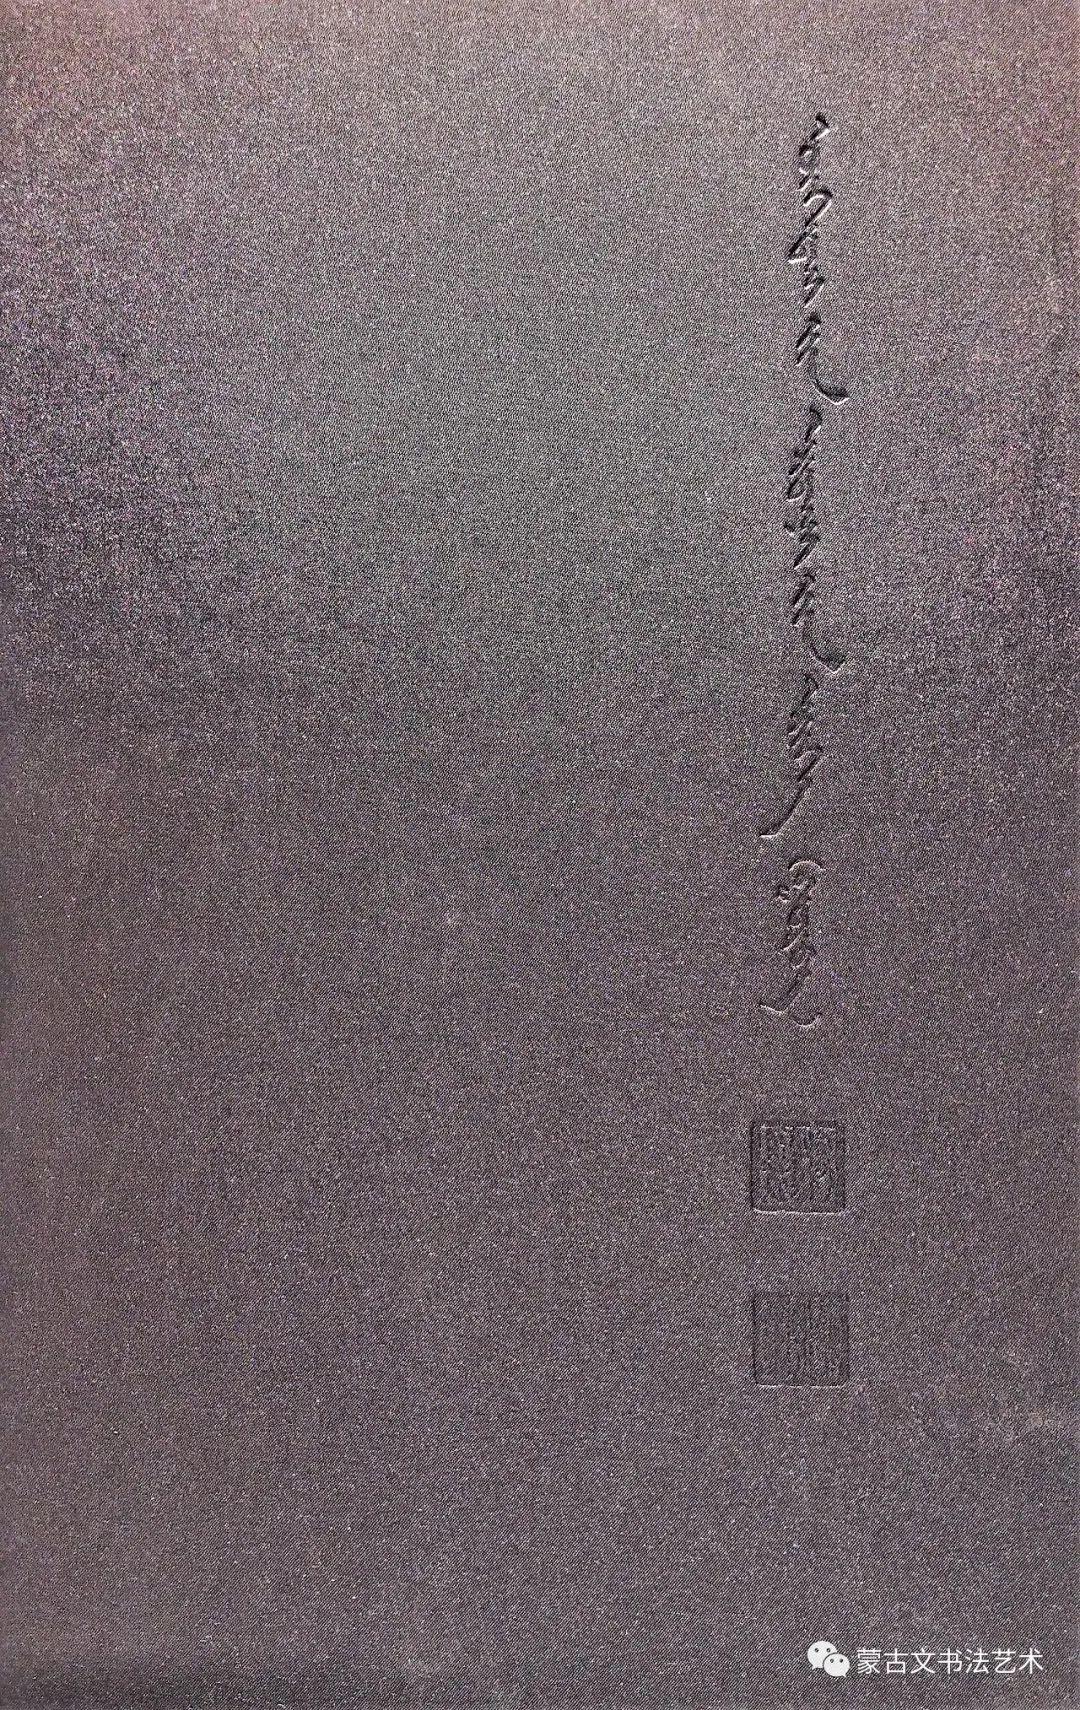 蒙古文经典文献当代书法名家手抄本之李金海《窝阔台之宝鬘》 第3张